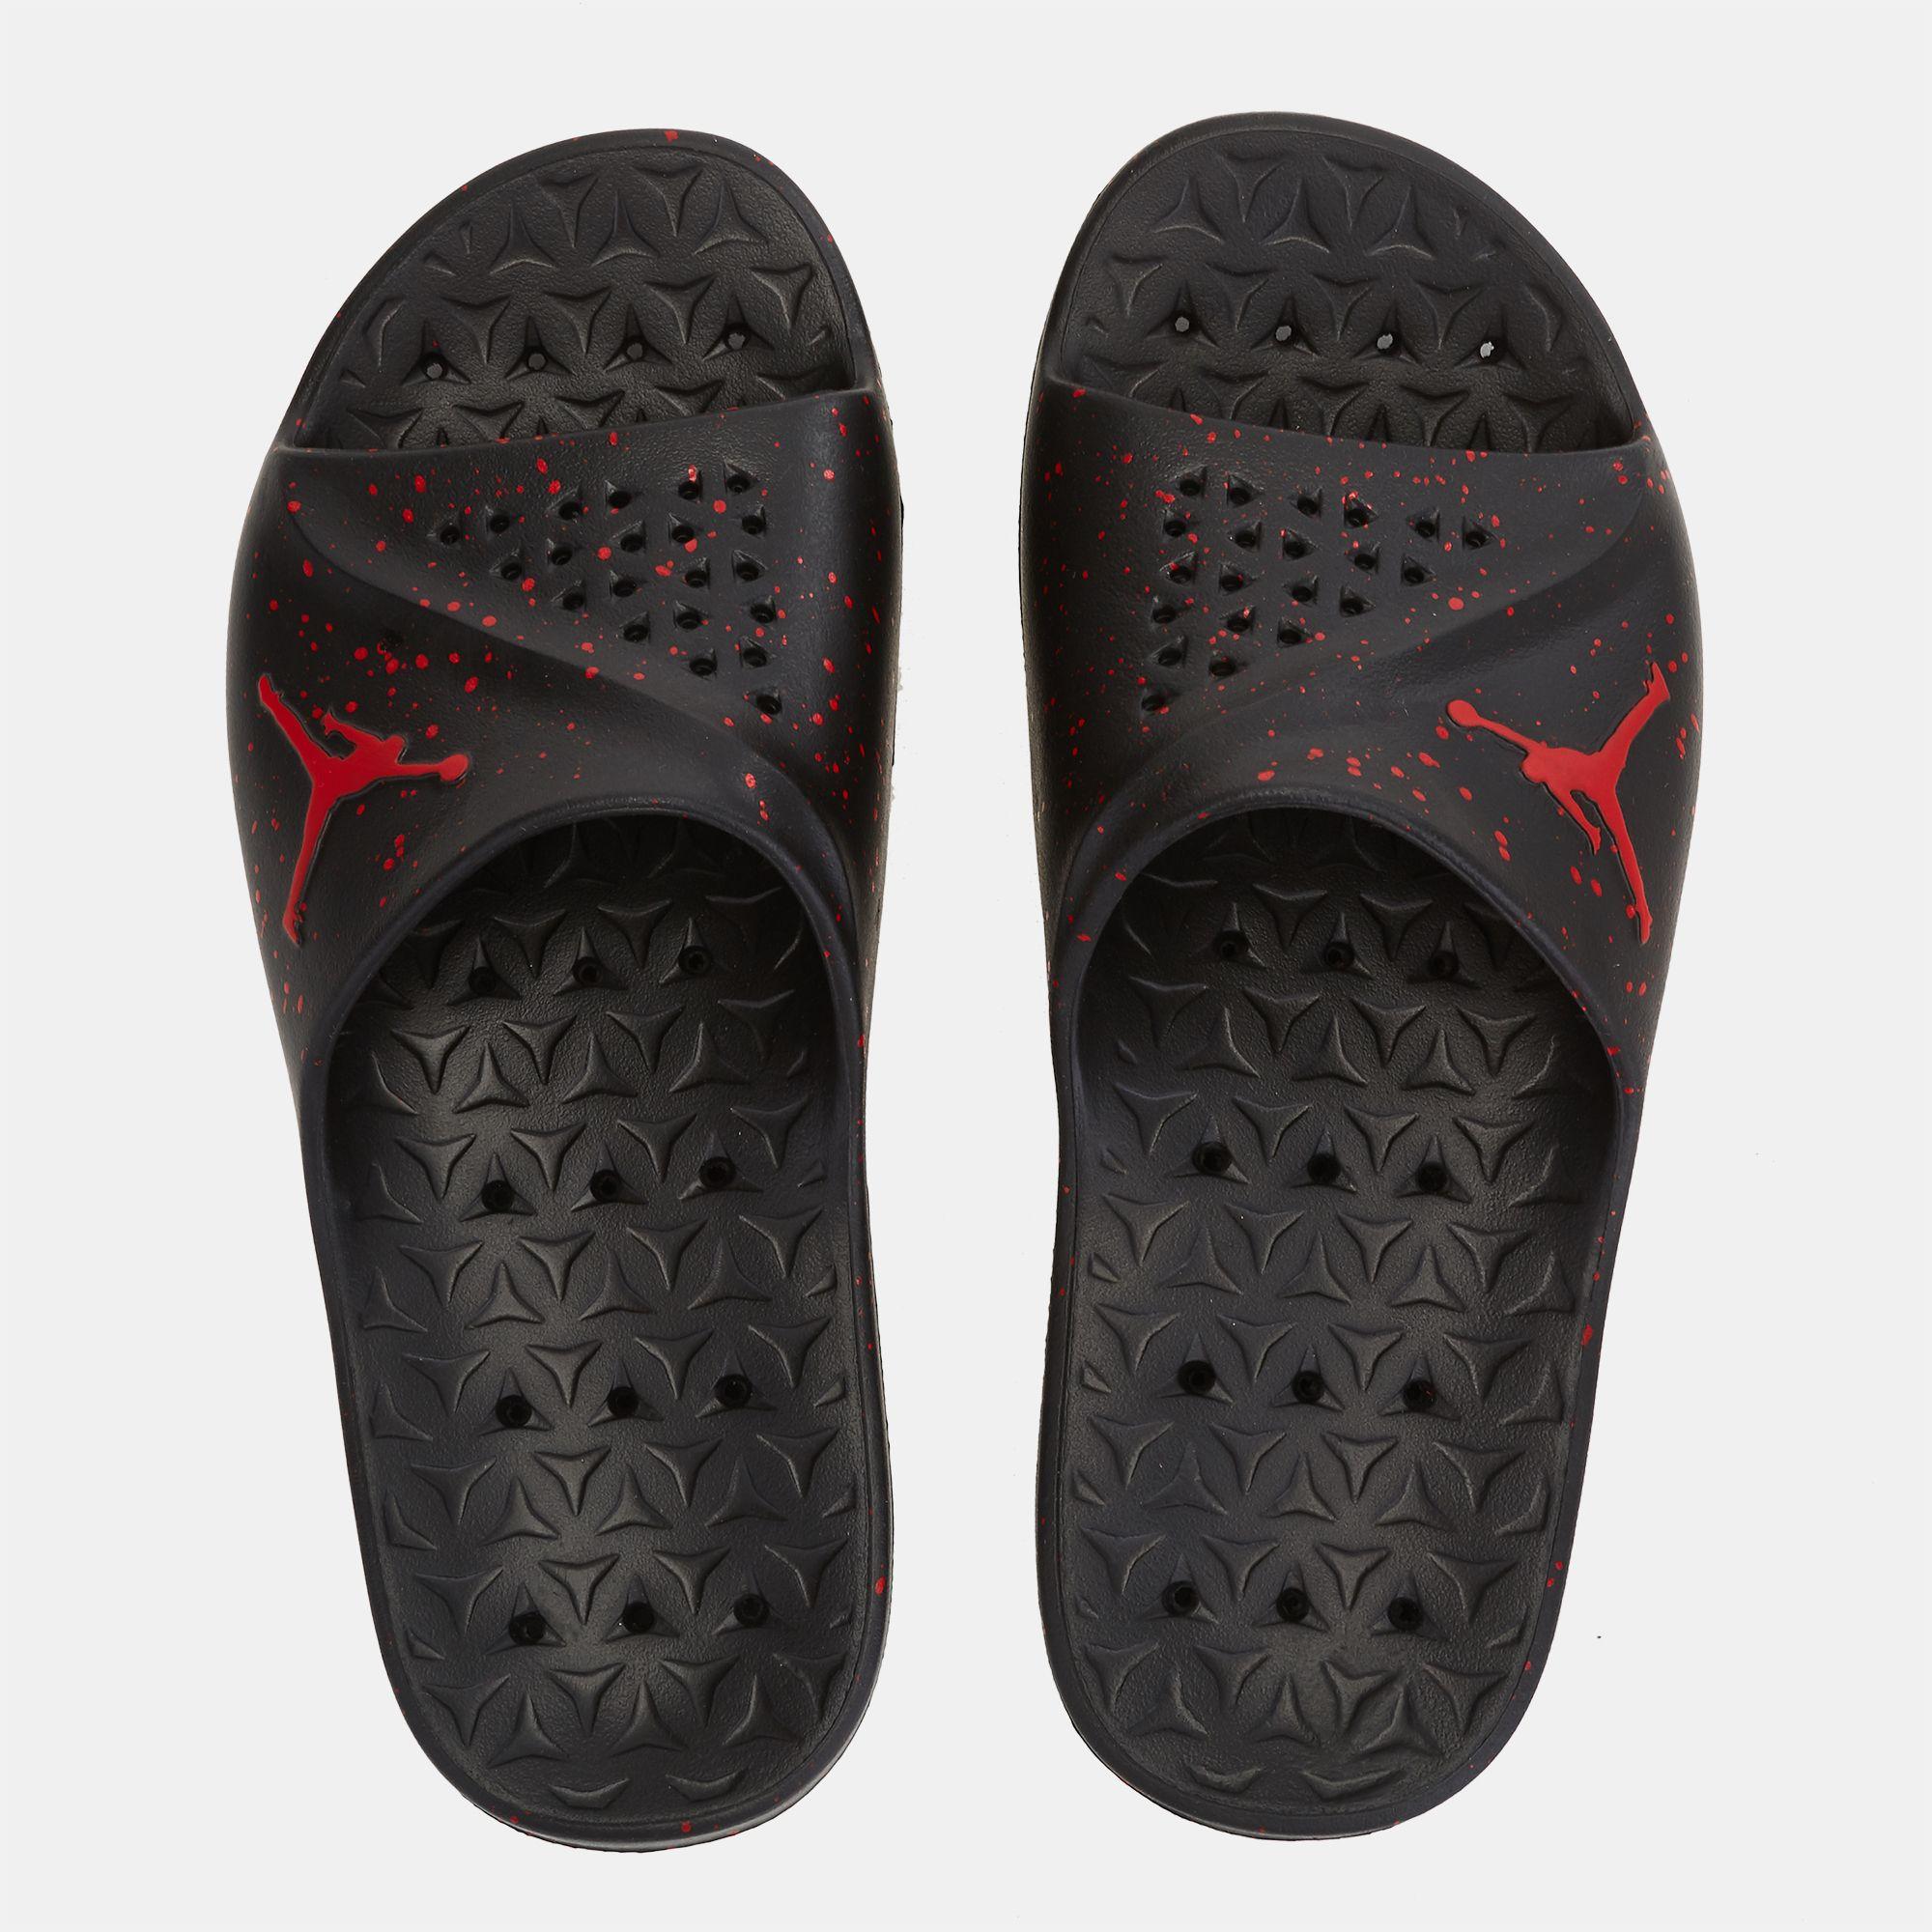 834dd5a7279 Jordan Super.Fly Team Slide Sandals, Slides, Sandals & Flip-Flops ...